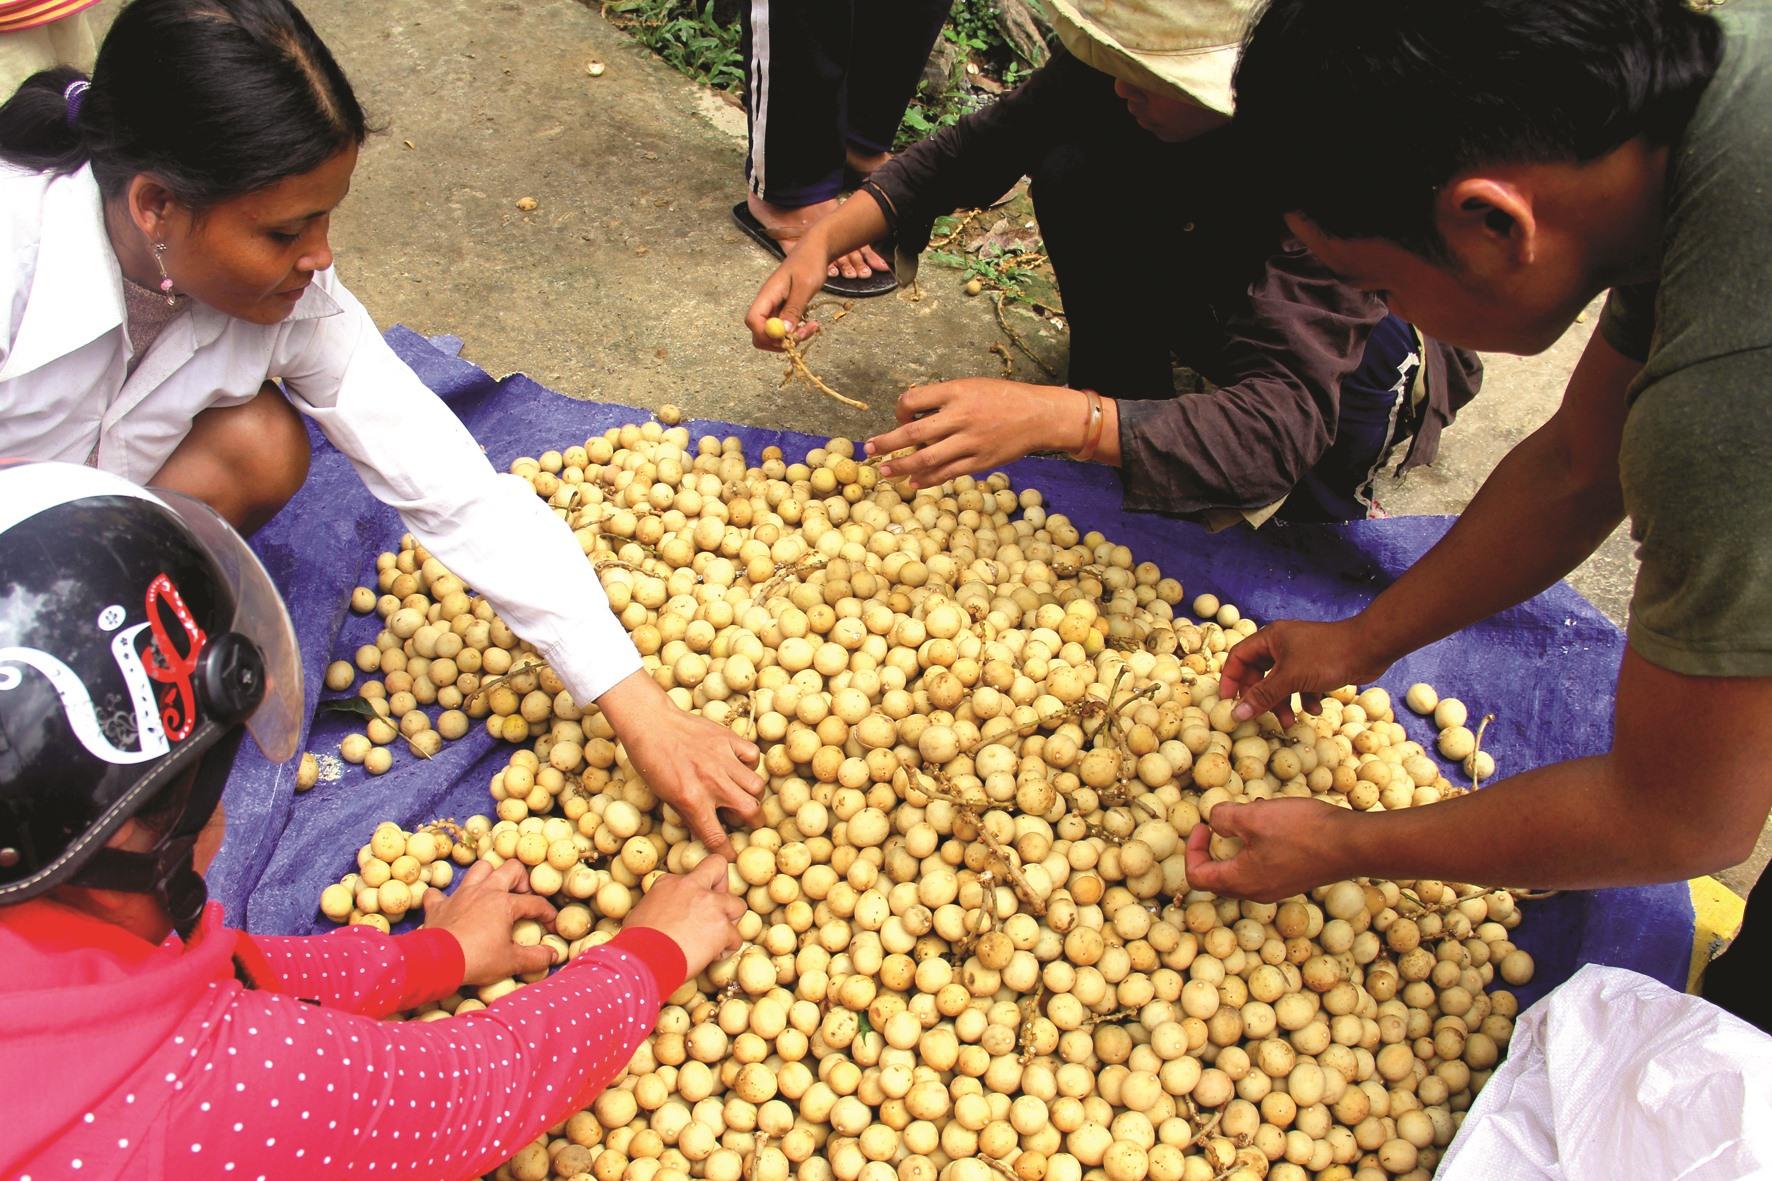 Lòn bon sau khi mang về, để giữ được lâu, người ta thường lựa bỏ những trái hư thối, nứt nẻ.